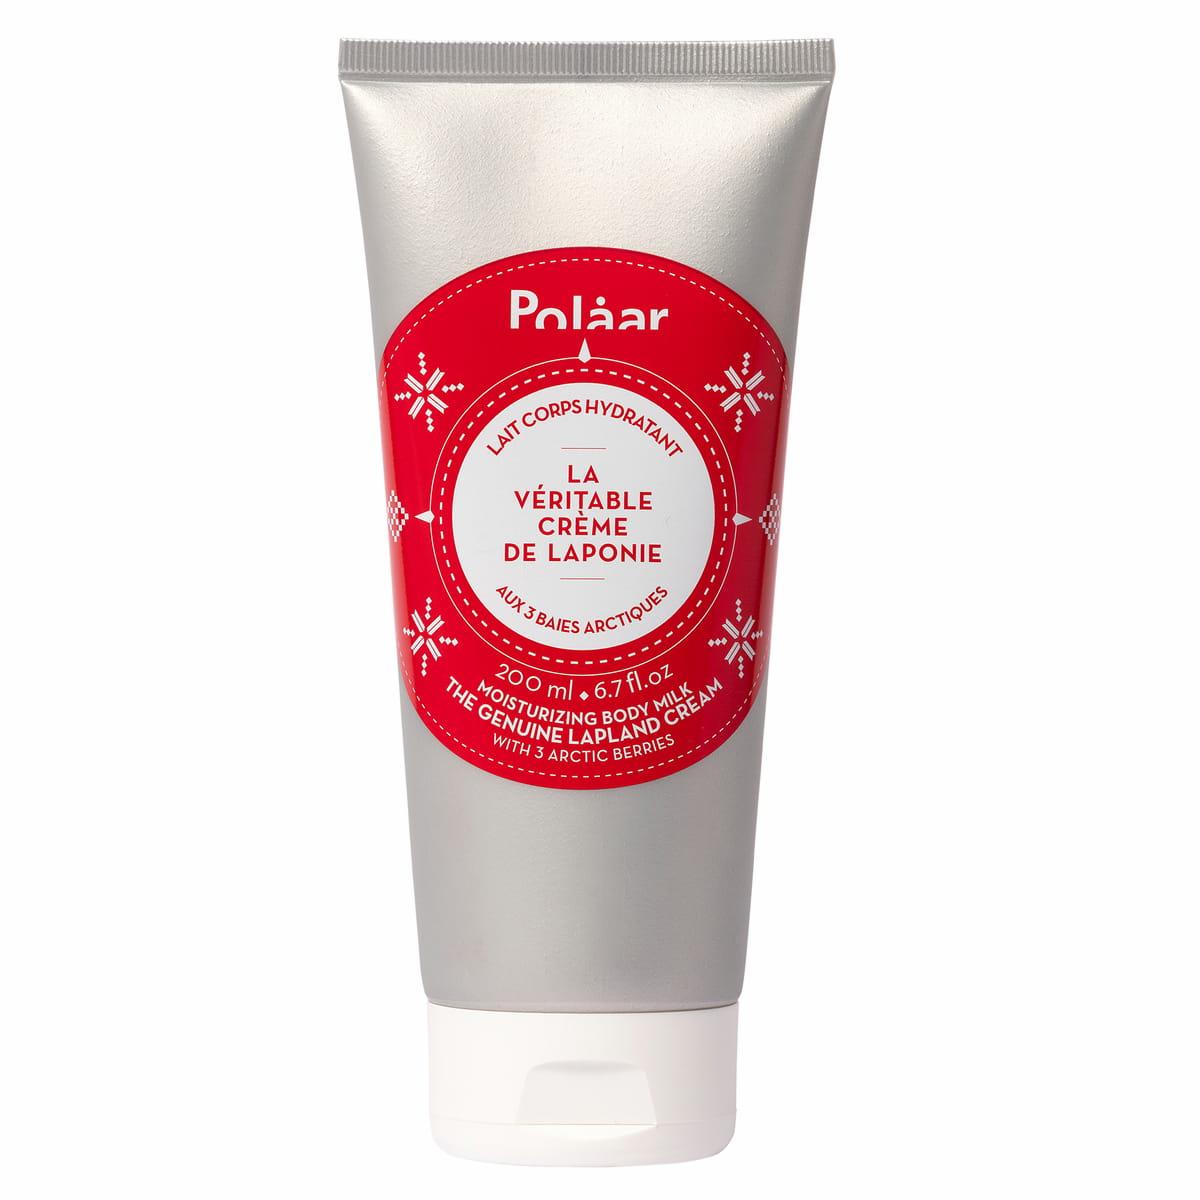 Polaar - La Véritable Crème de Laponie - Lait corps hydratant